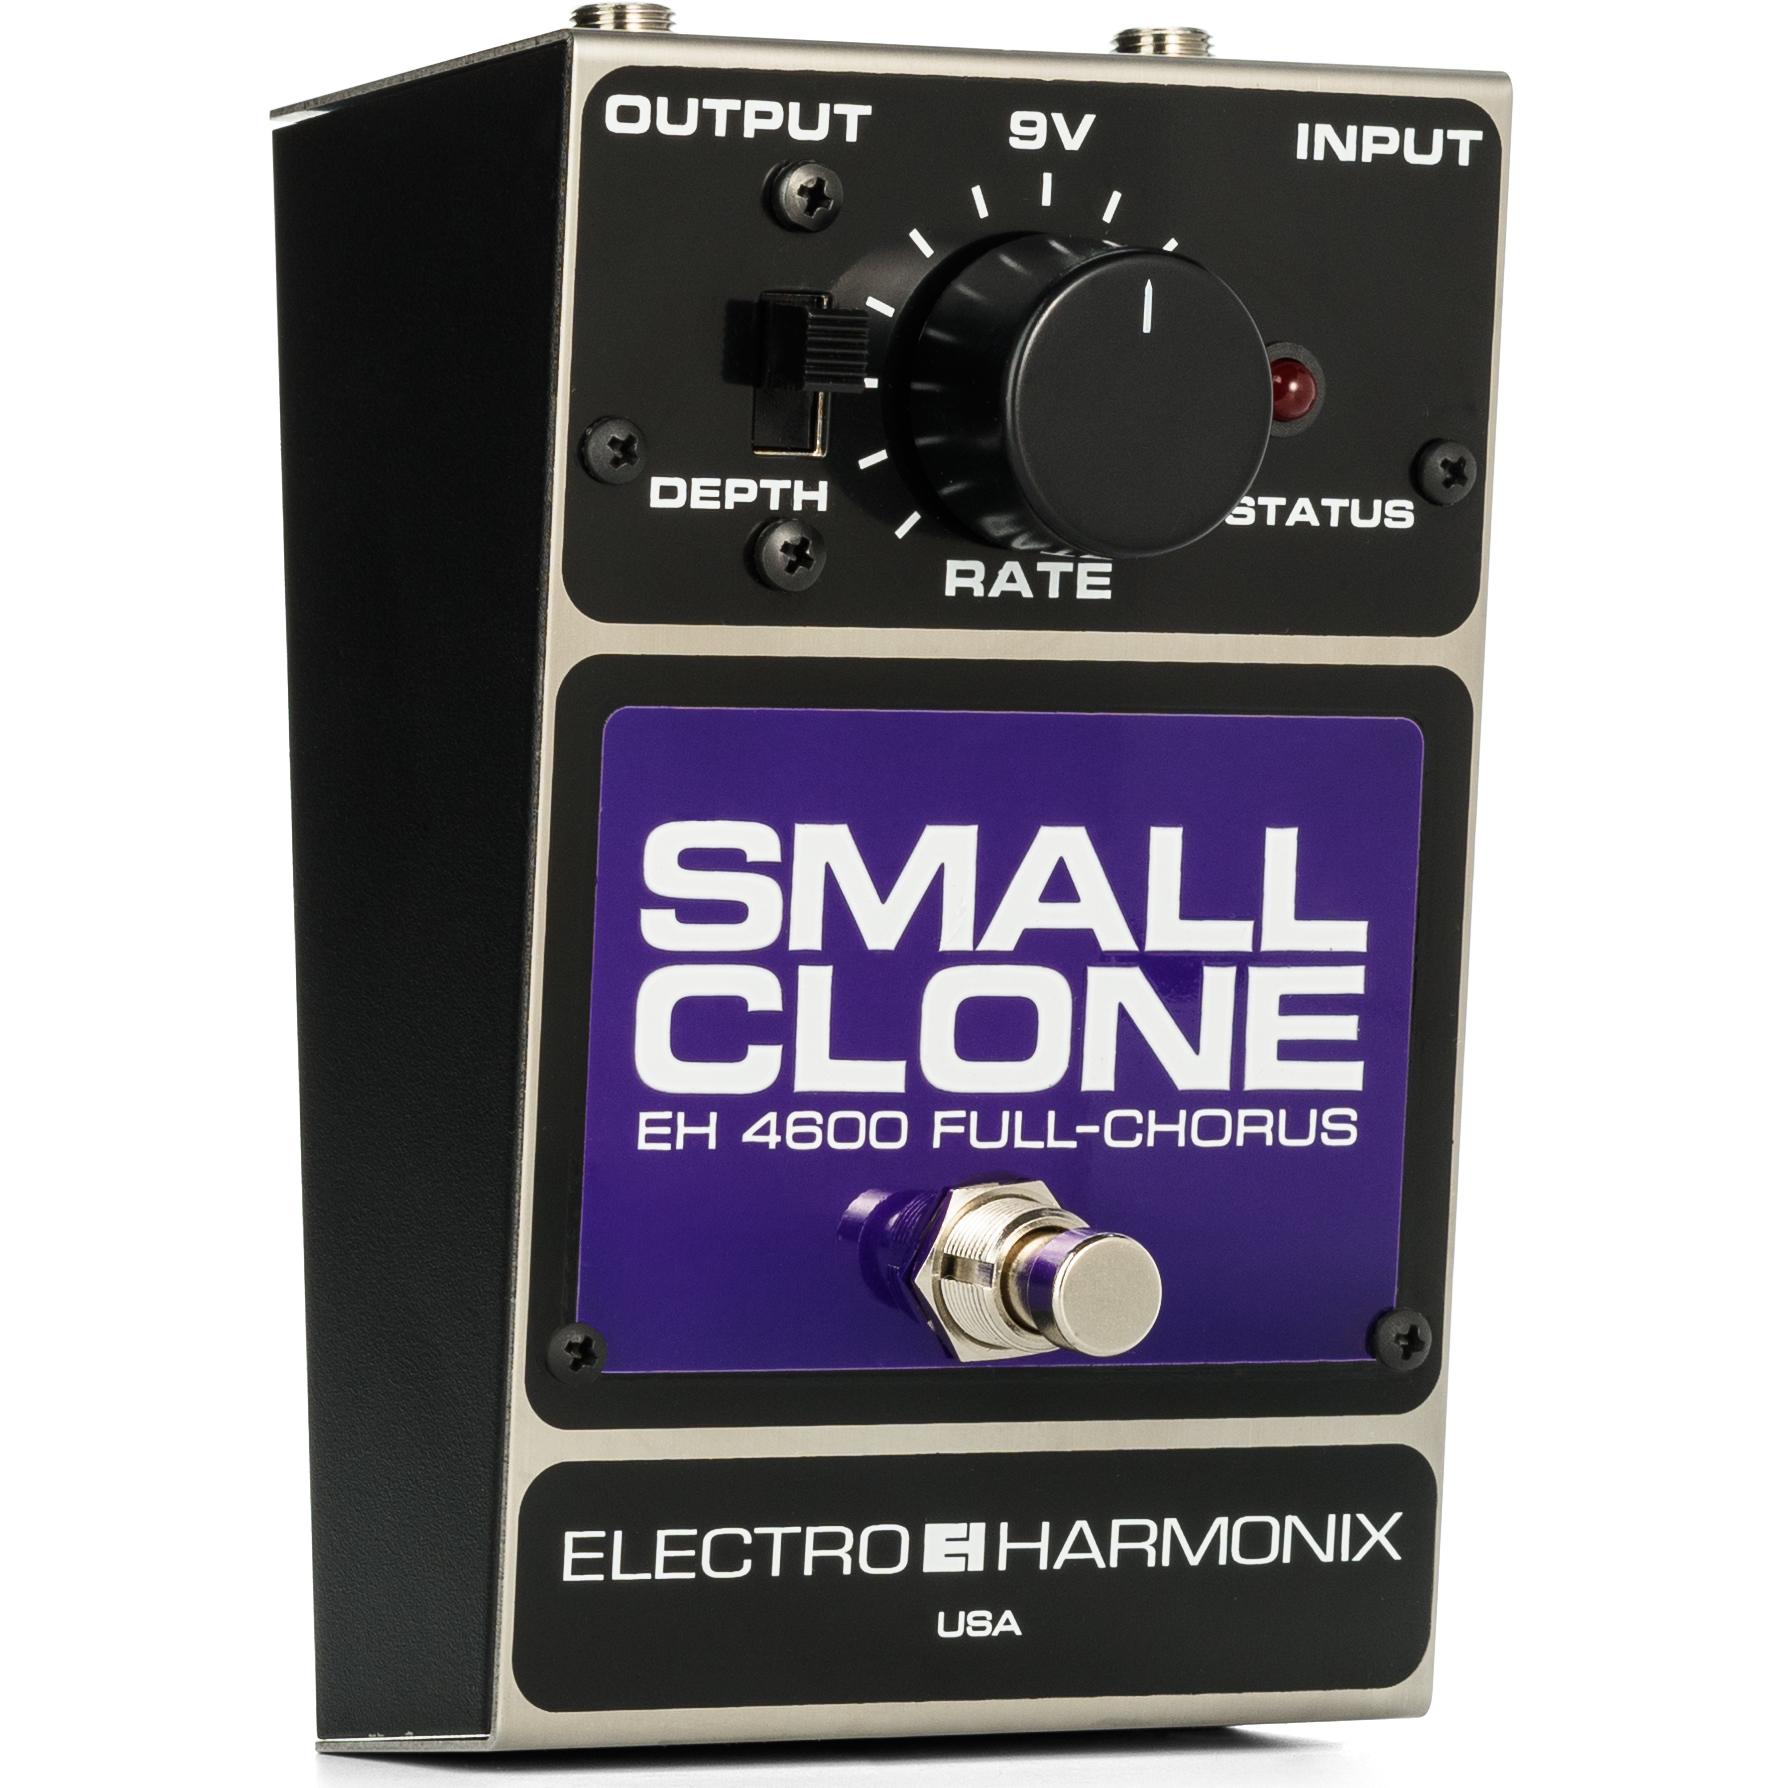 Small Clone(スモールクローン) コーラス【Electro-Harmonix/EHX/エレクトロ・ハーモニクス/エレハモ】【エフェクター】【ピック10枚セット付き!】